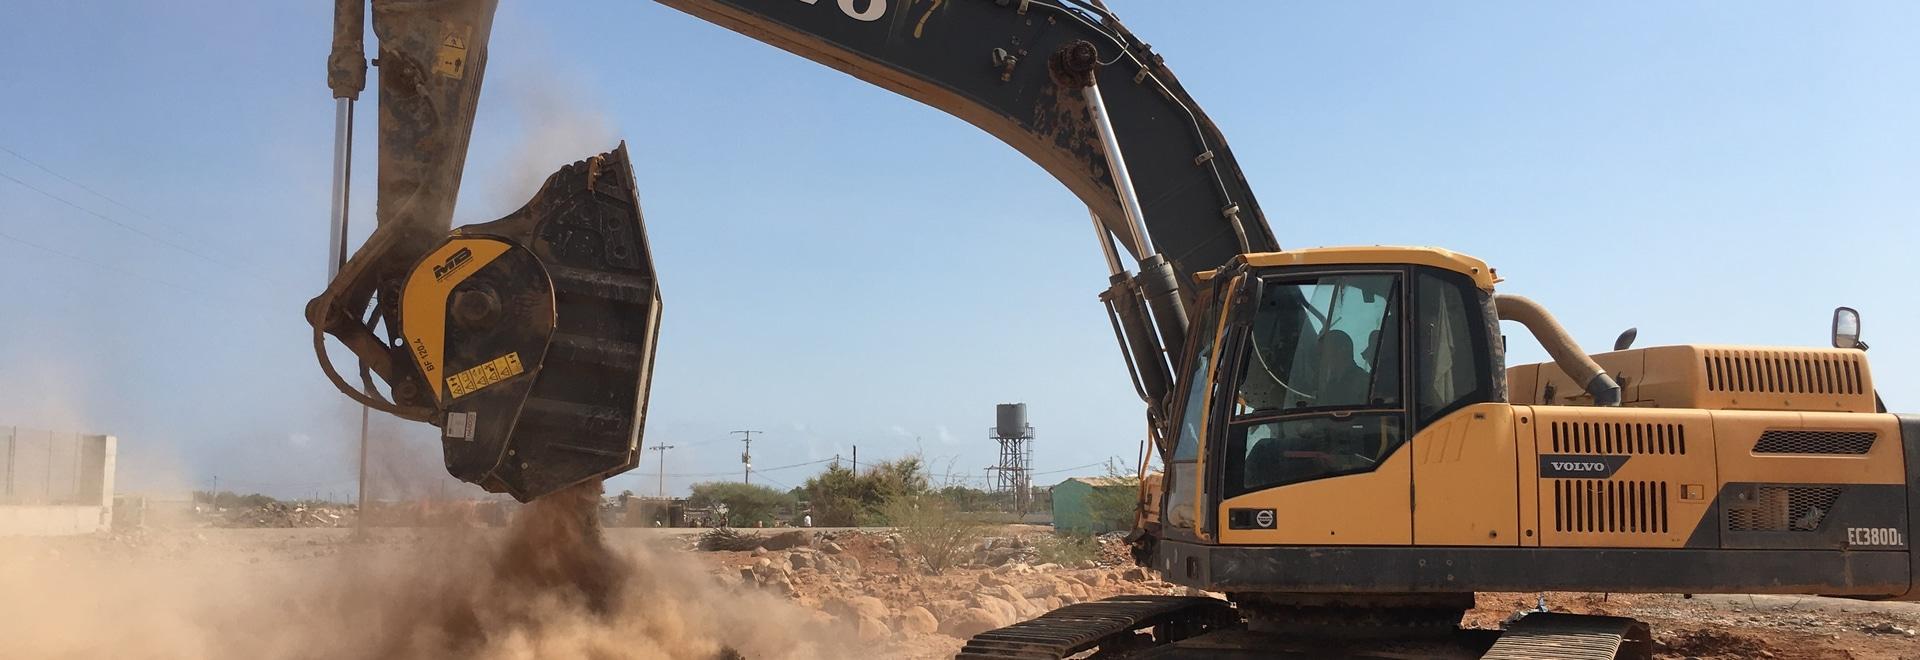 Frantumando basalto per la DIFTZ in Djibouti con la BF120.4